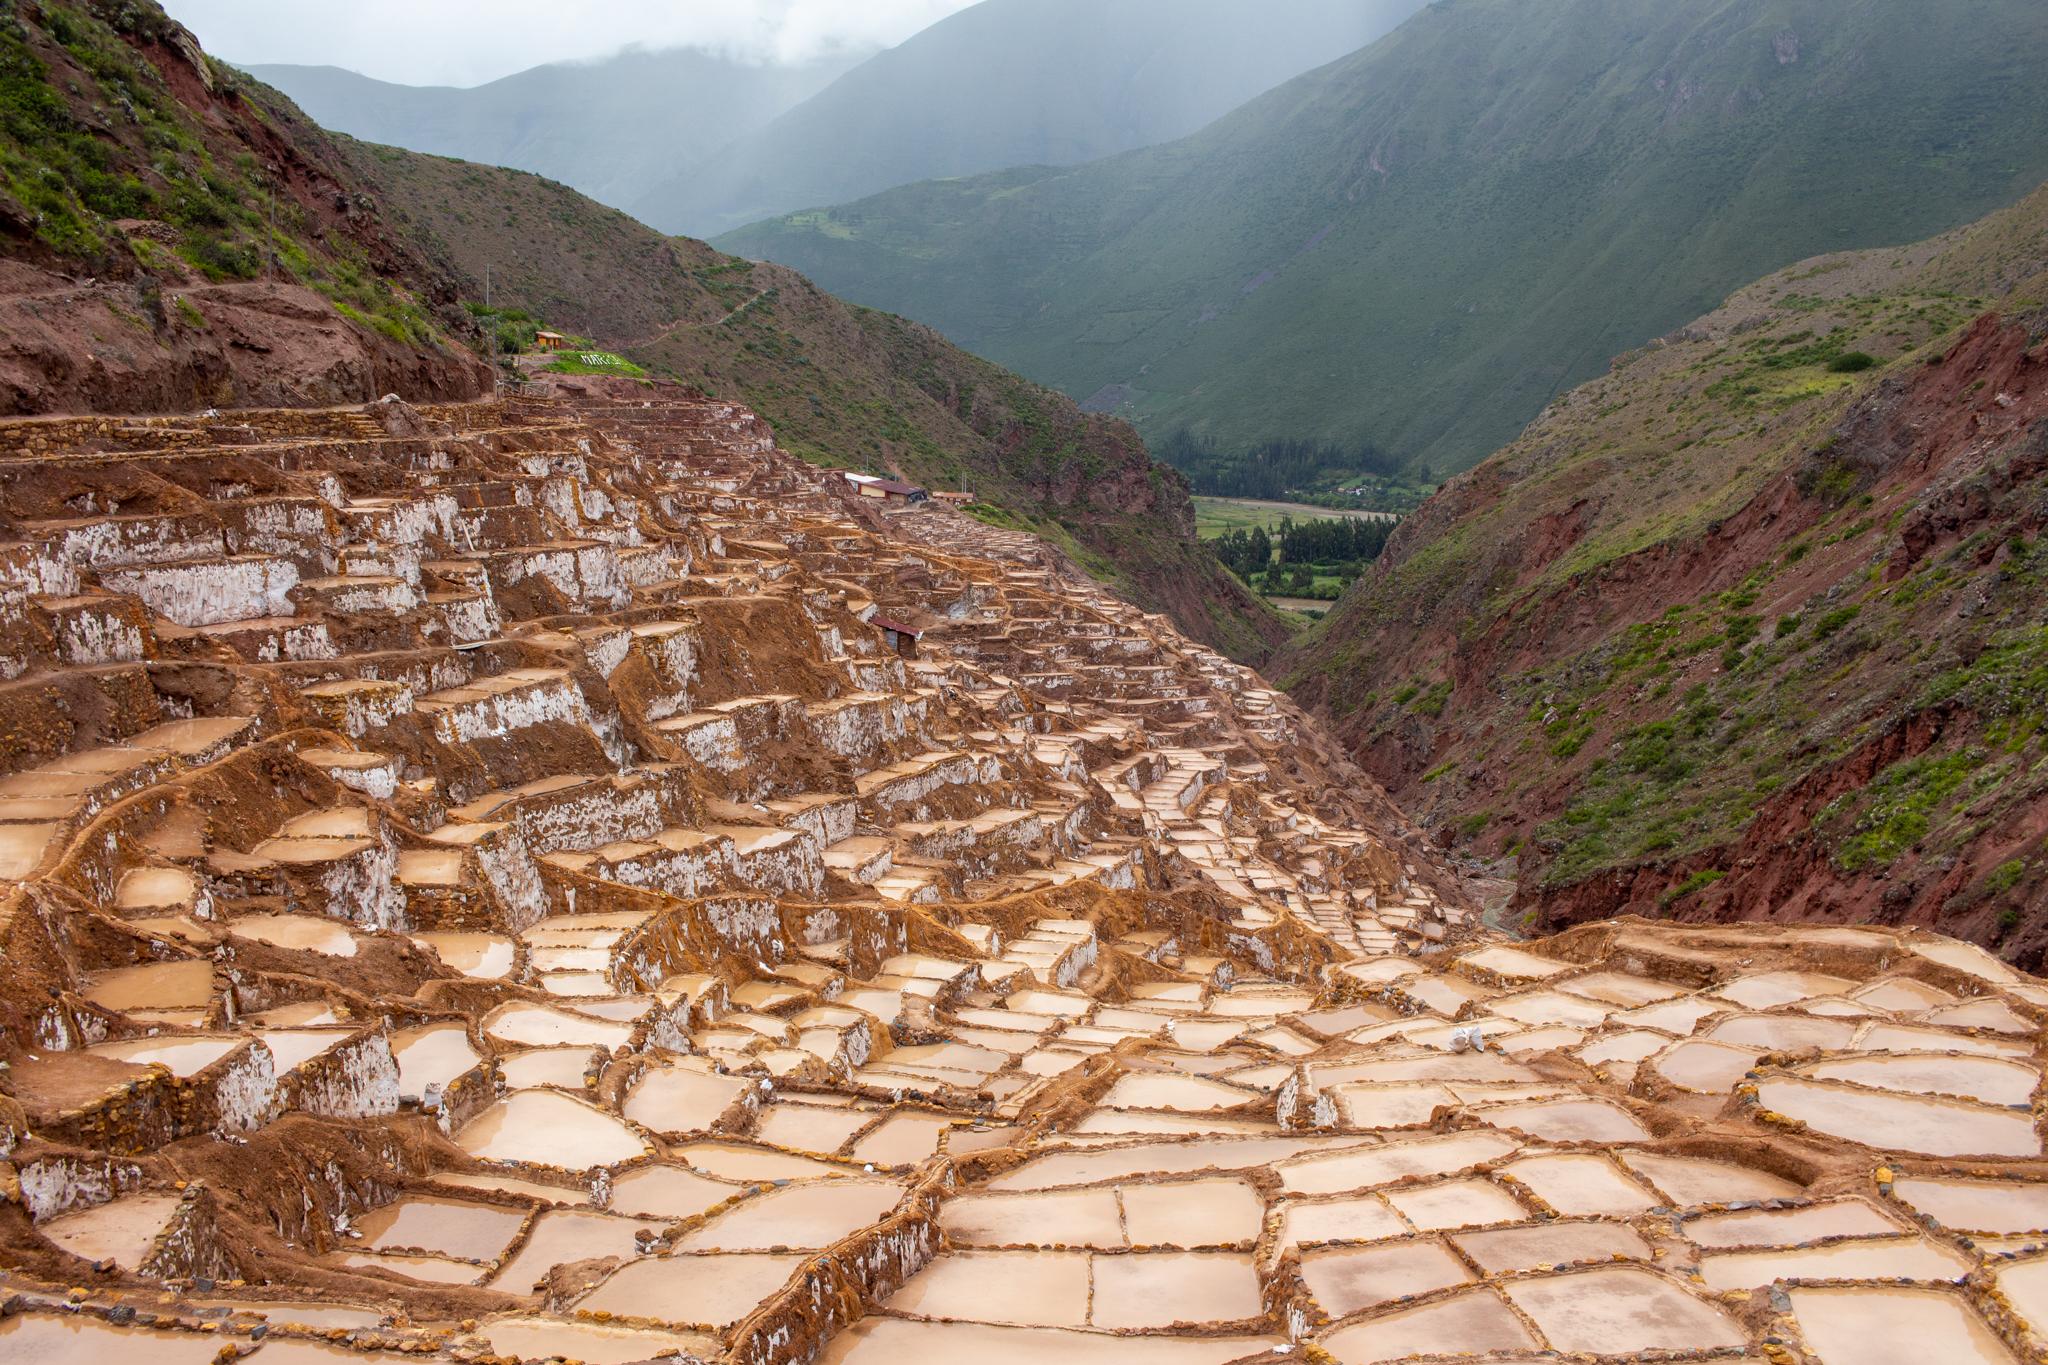 maras salt fields